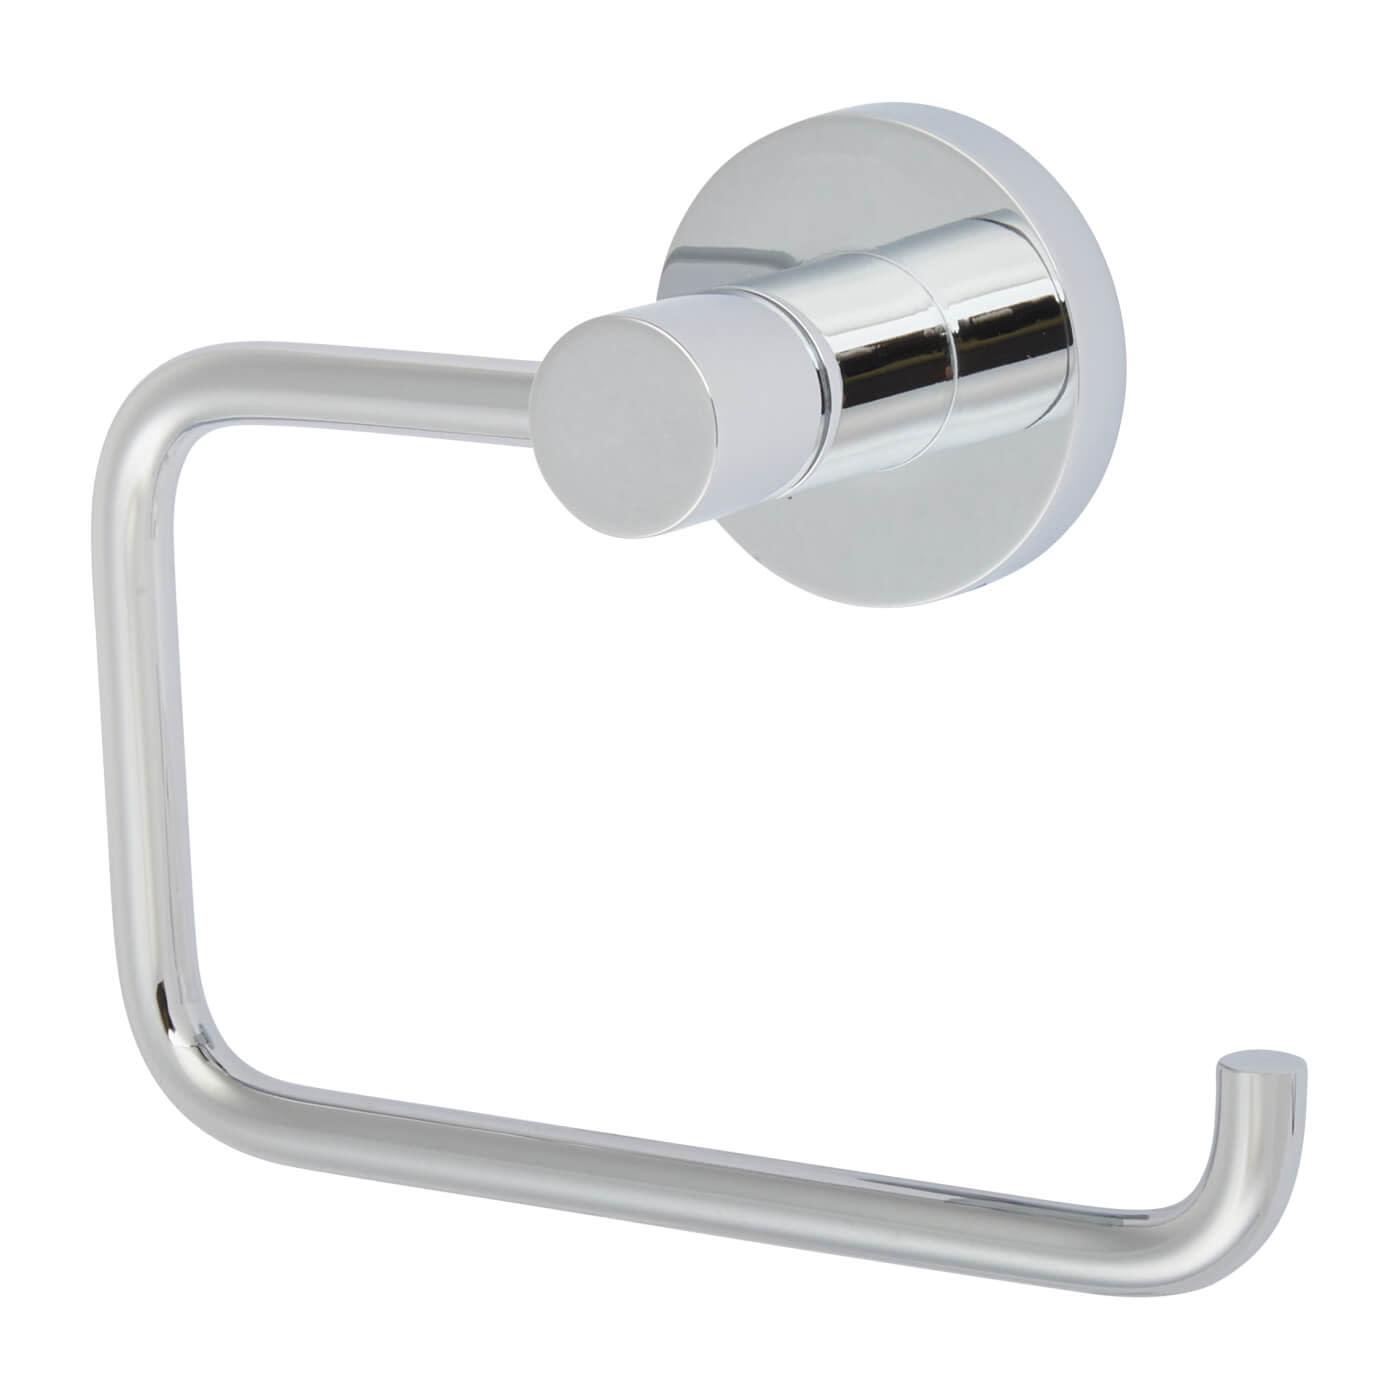 Nymas Style Hook Toilet Roll Holder - Polished Chrome)